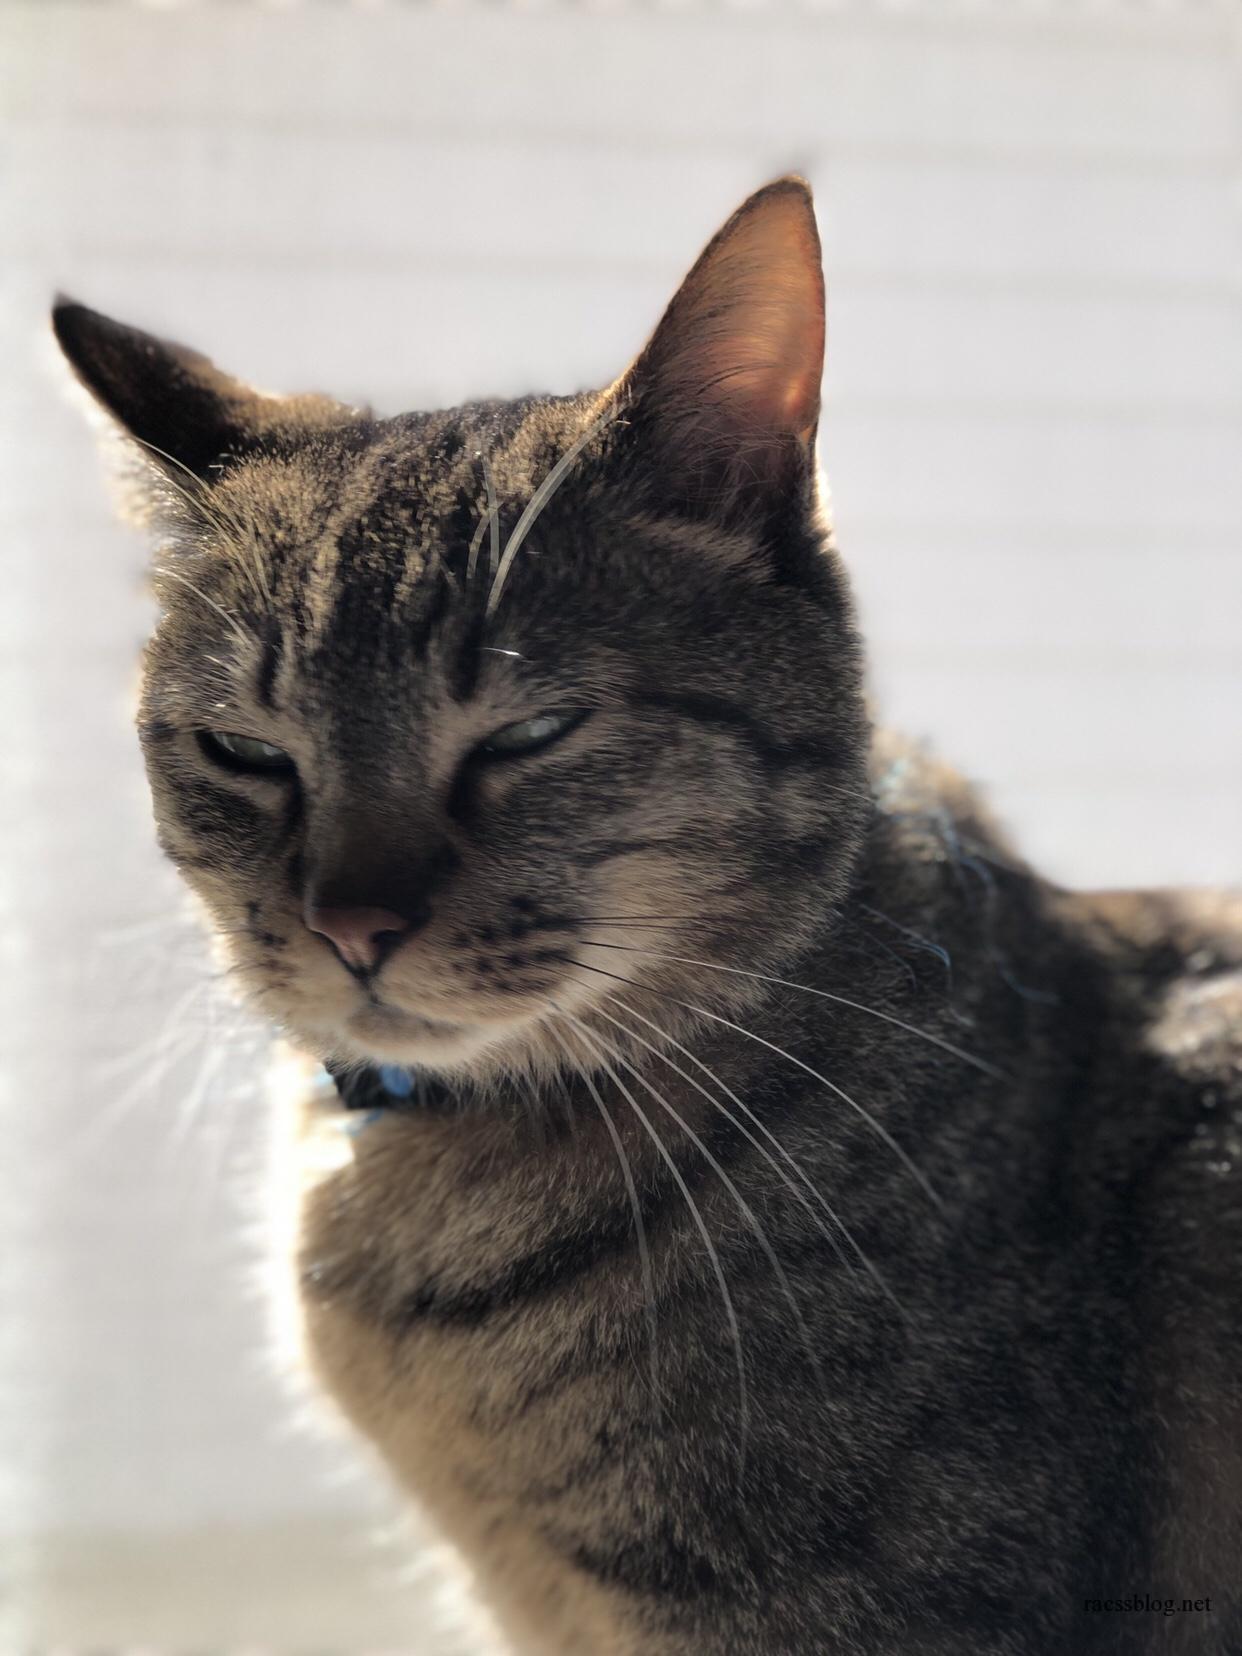 iPhone8Plusカメラのポートレート機能で猫を撮影したのでレビュー